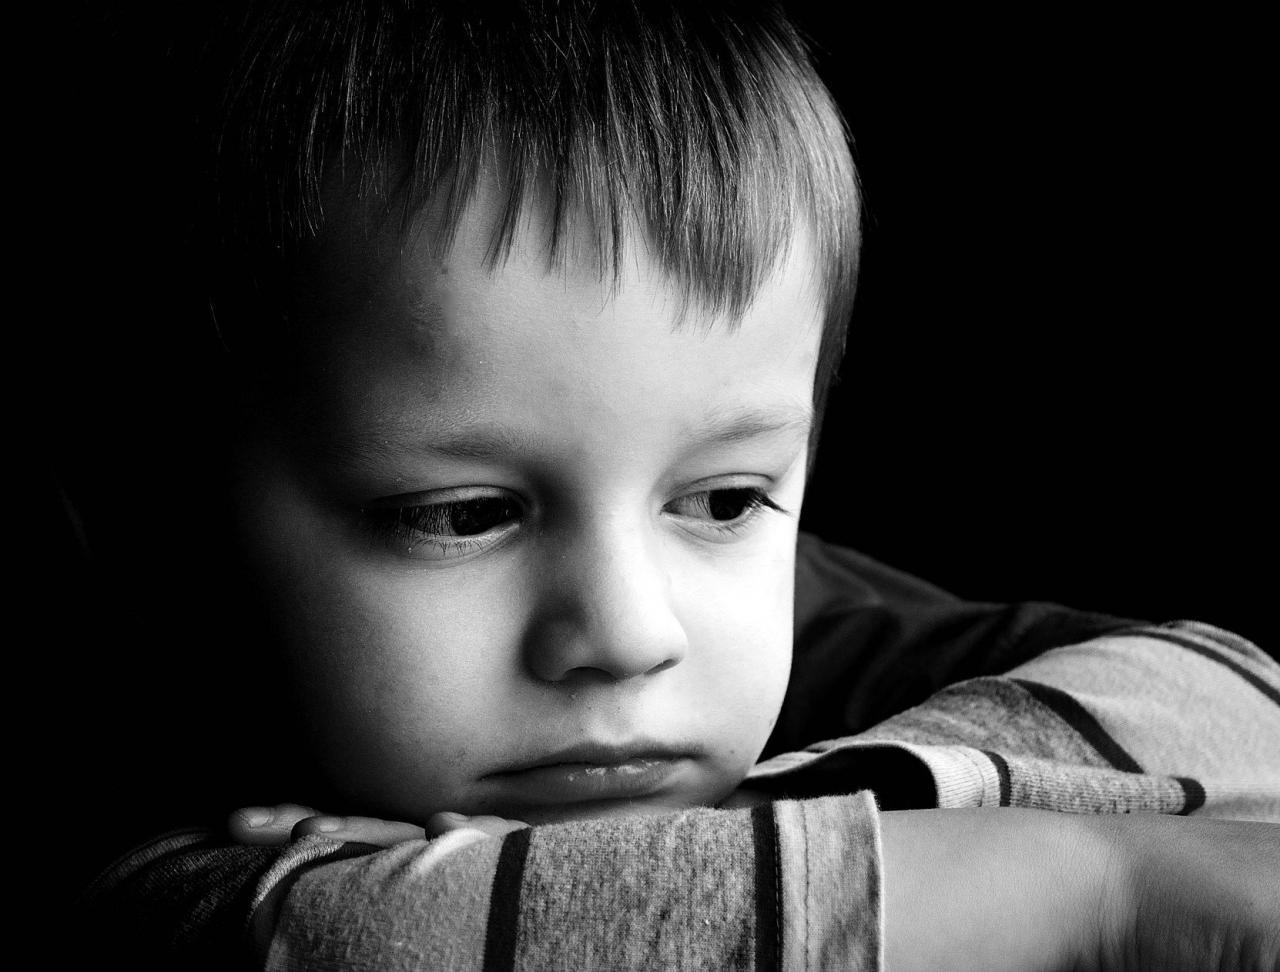 صورة صور اطفال حزينة , اطفال تبكى وحزينة بالصور